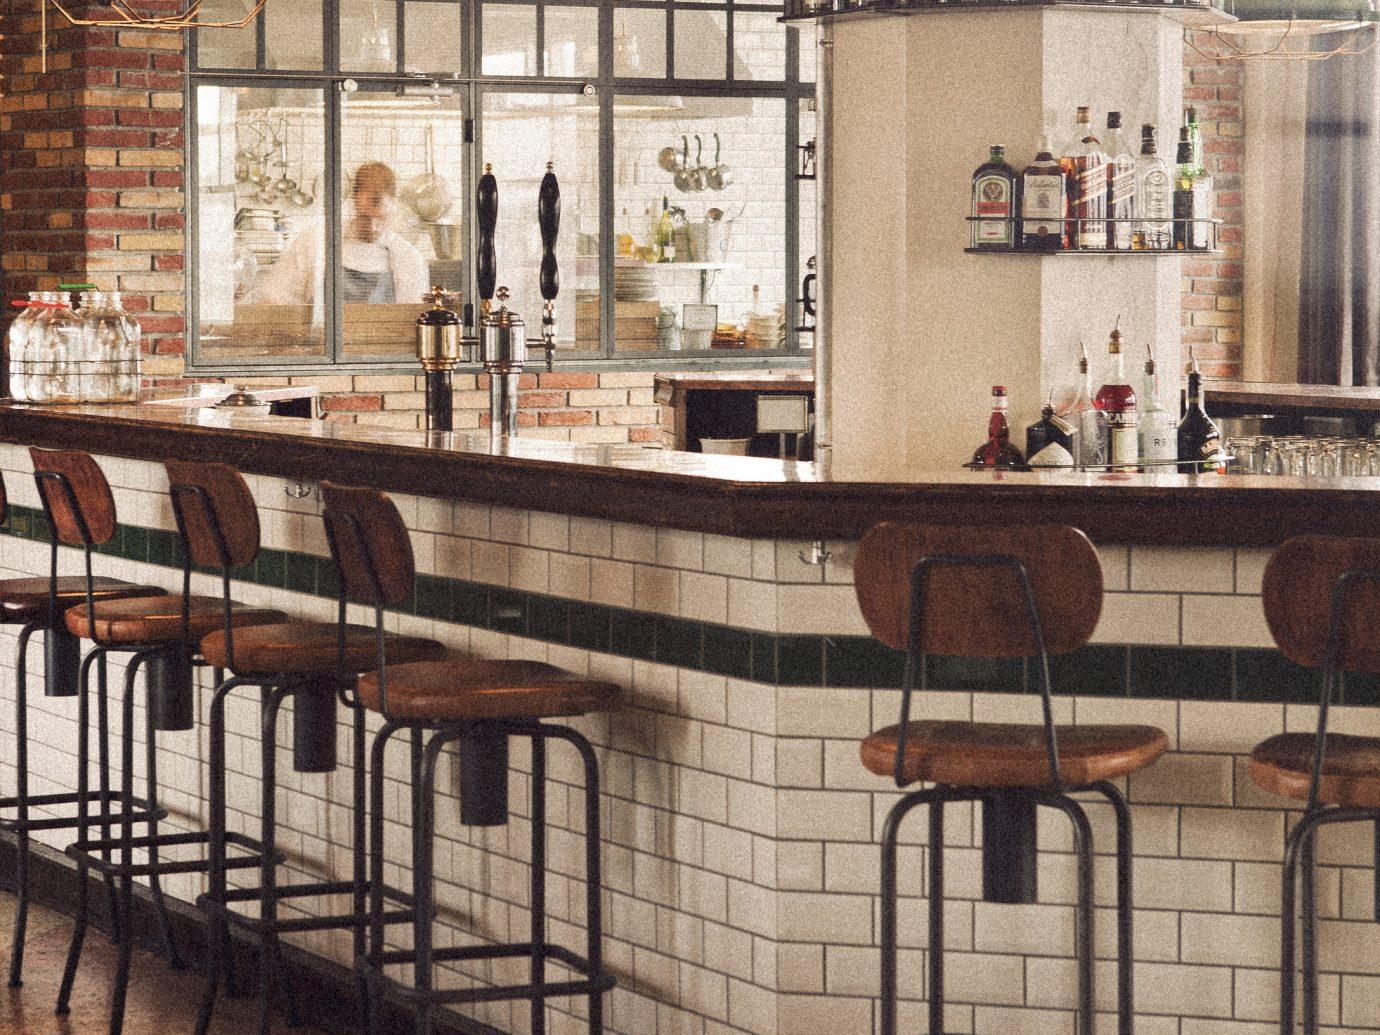 Boutique Hotels Hotels Iceland Reykjavík Trip Ideas indoor floor room furniture dining room table wood interior design restaurant Bar Design